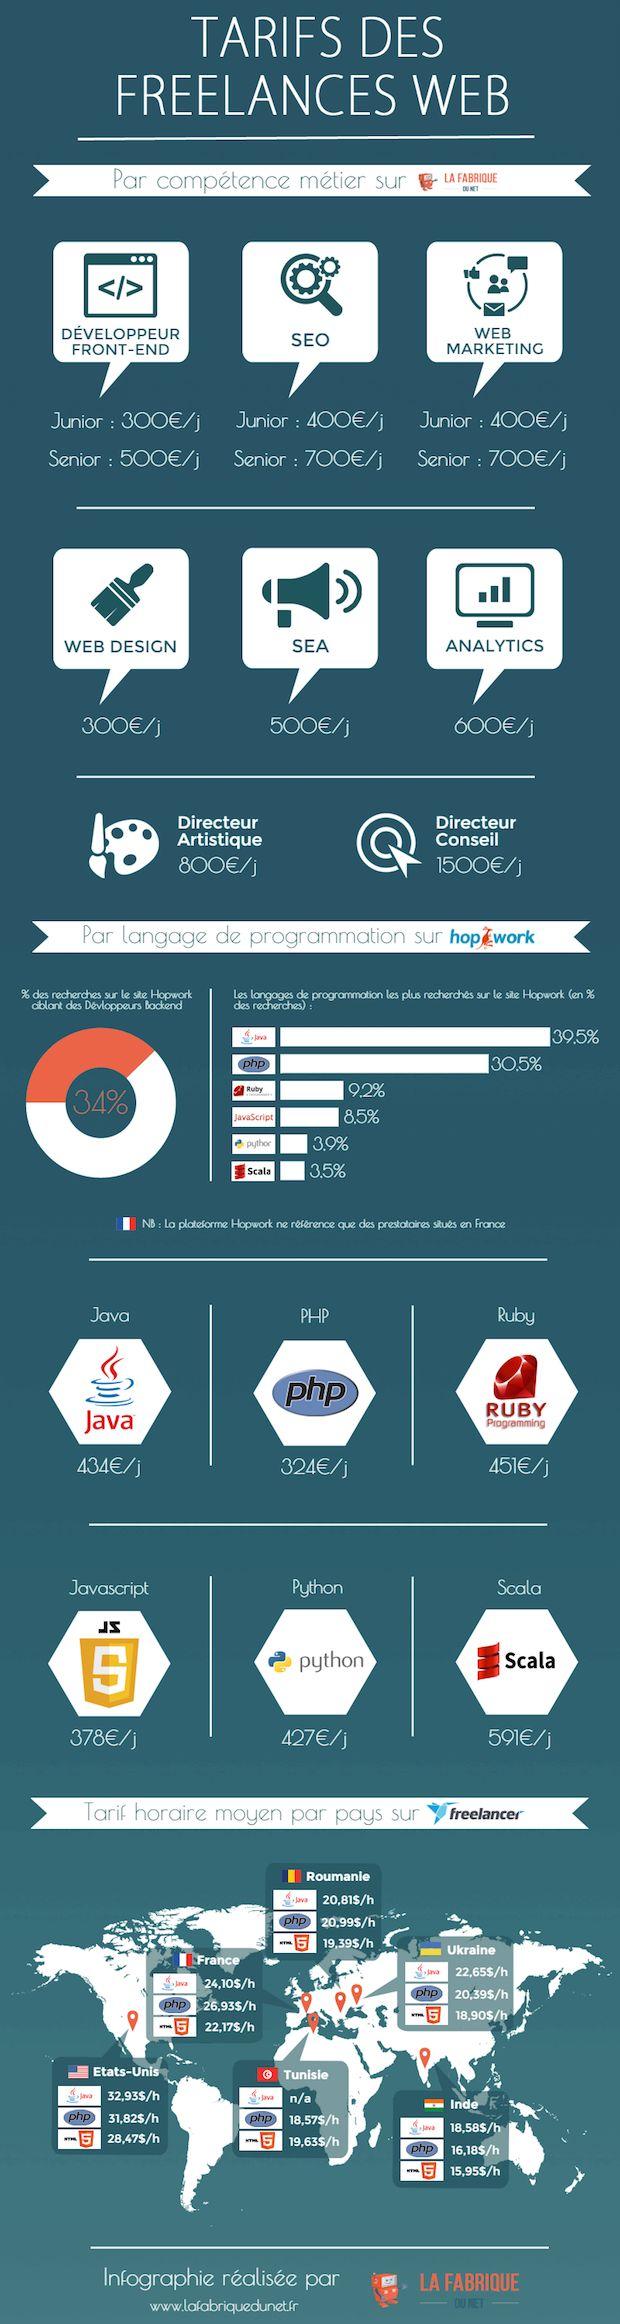 La Fabrique du Net nous propose son infographie pour y voir plus clair sur les tarifs des freelances Web à travers le monde.